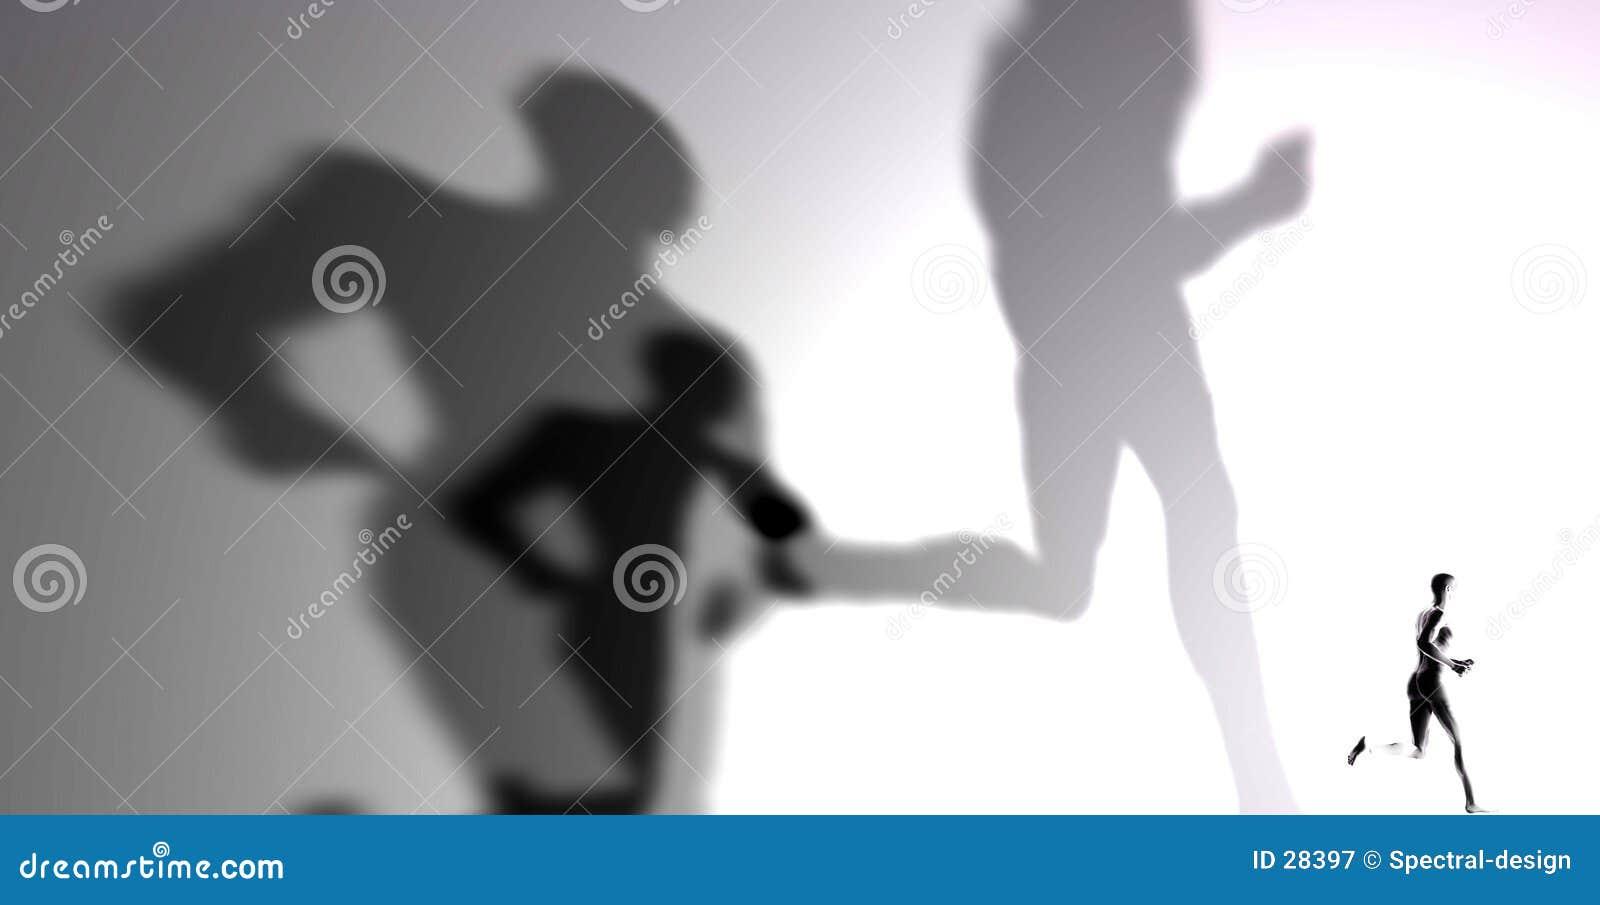 Download Schatten stock abbildung. Illustration von kontrast, leuchte - 28397